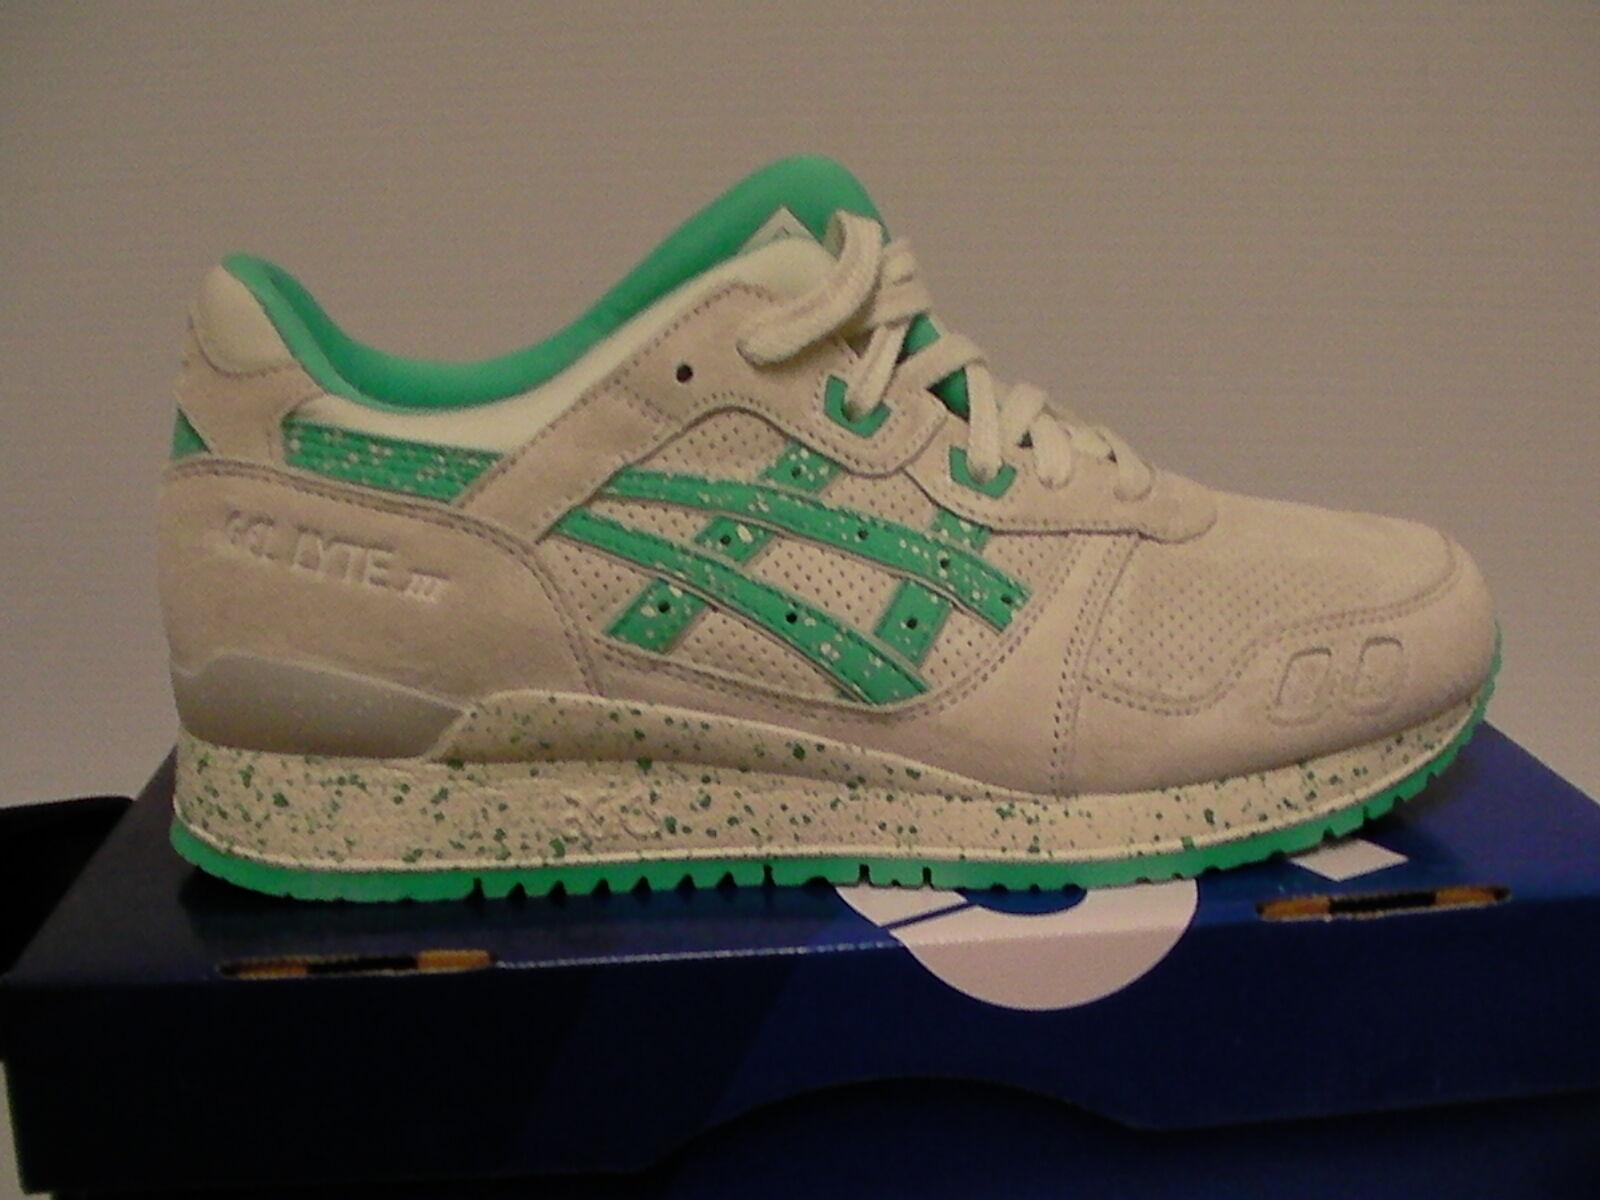 Le scarpe da corsa gel lyte iii di taglia 10 noi uomini di iii giglio bianco / aqua verde nuovo 390df7